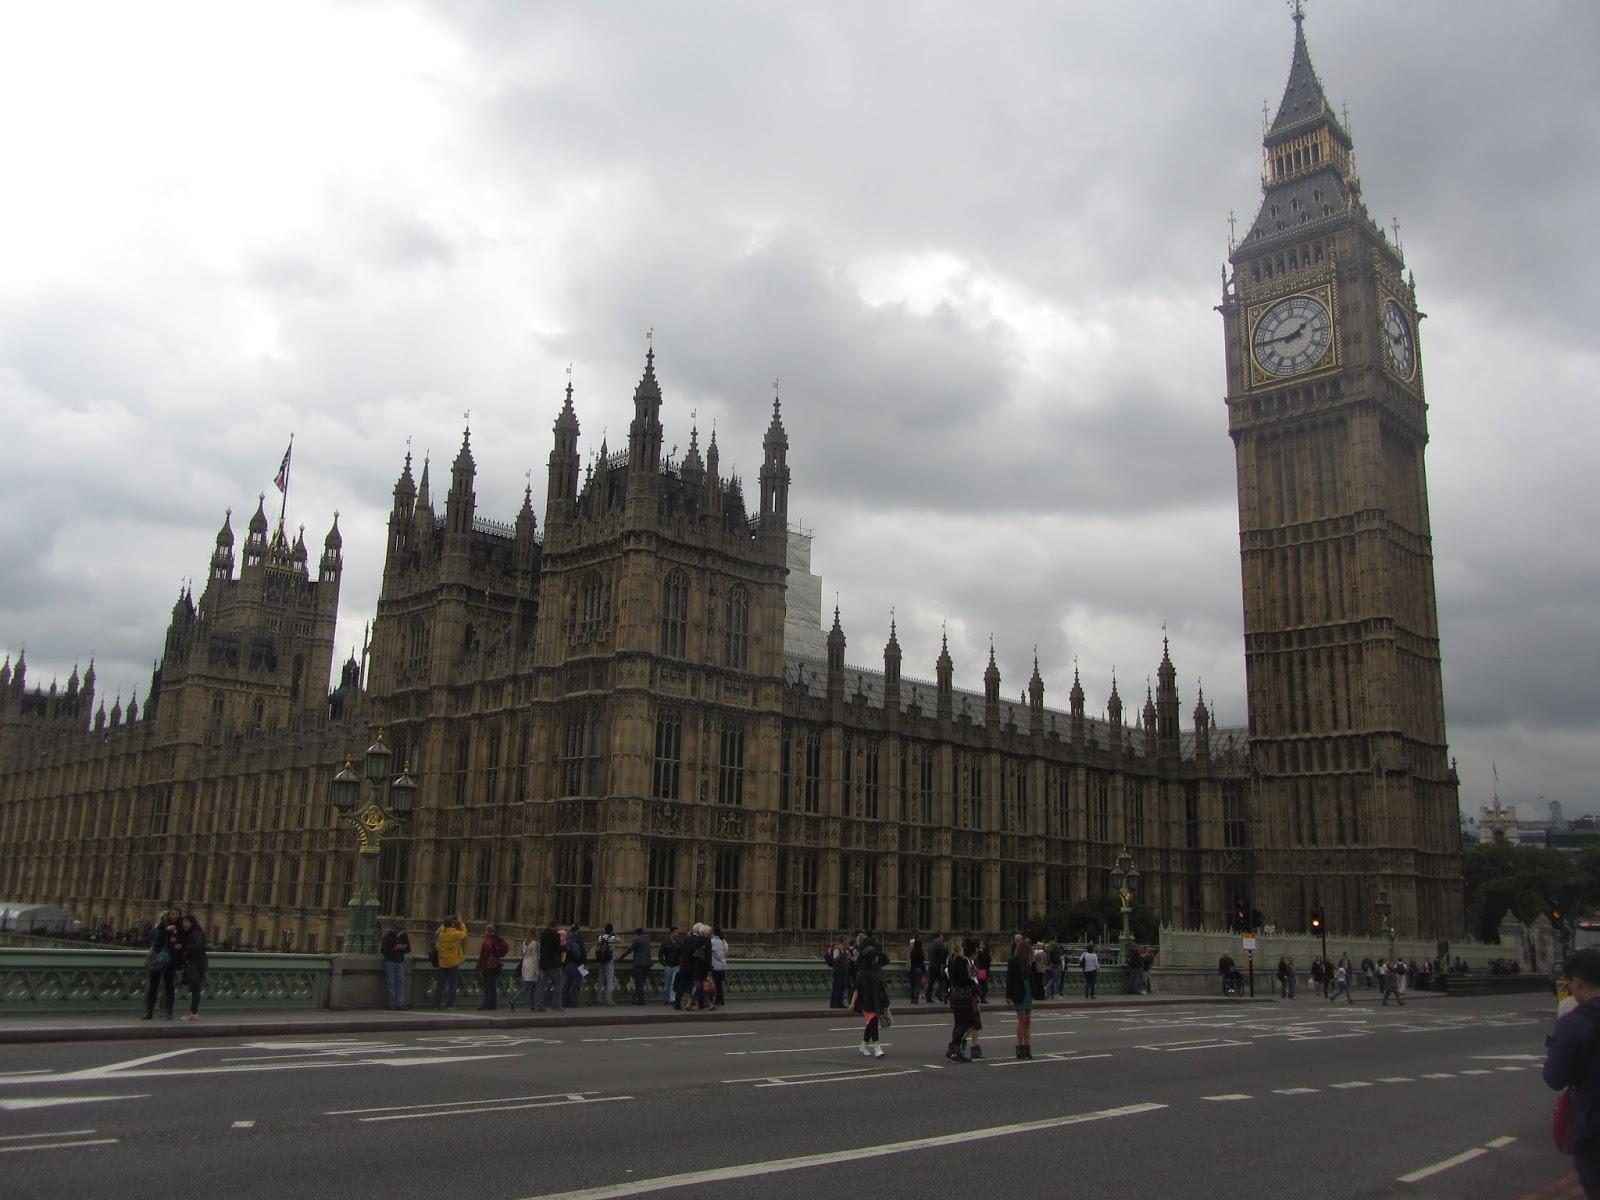 La Torre del Reloj, Big Ben (Londres, Inglaterra) situado en el Palacio de Westminster y es el reloj de cuatro caras más grande del mundo.